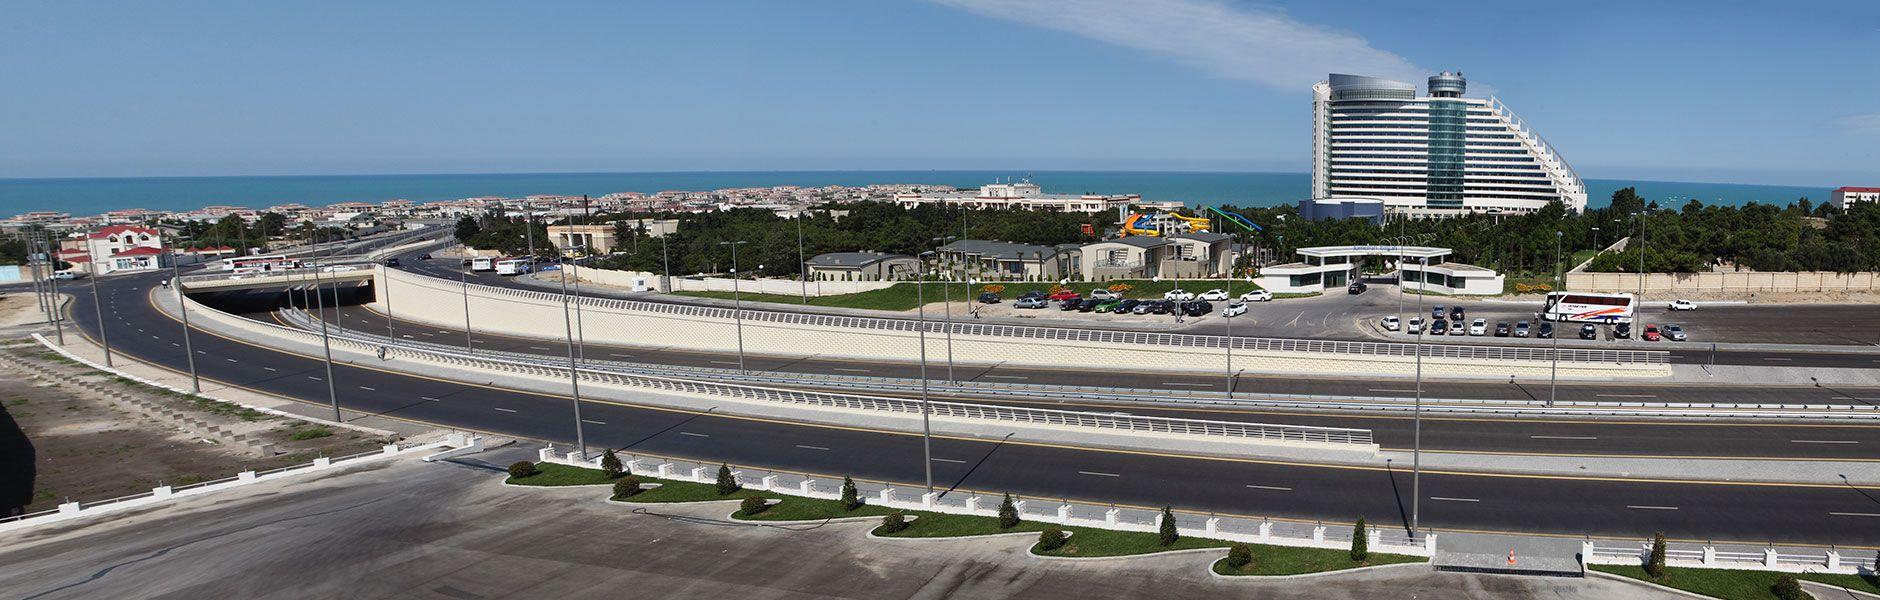 Heydər Əliyev Beynəlxalq Hava Limanı - Bilgəh qəsəbəsi avtomobil yolunun yenidənqurulması